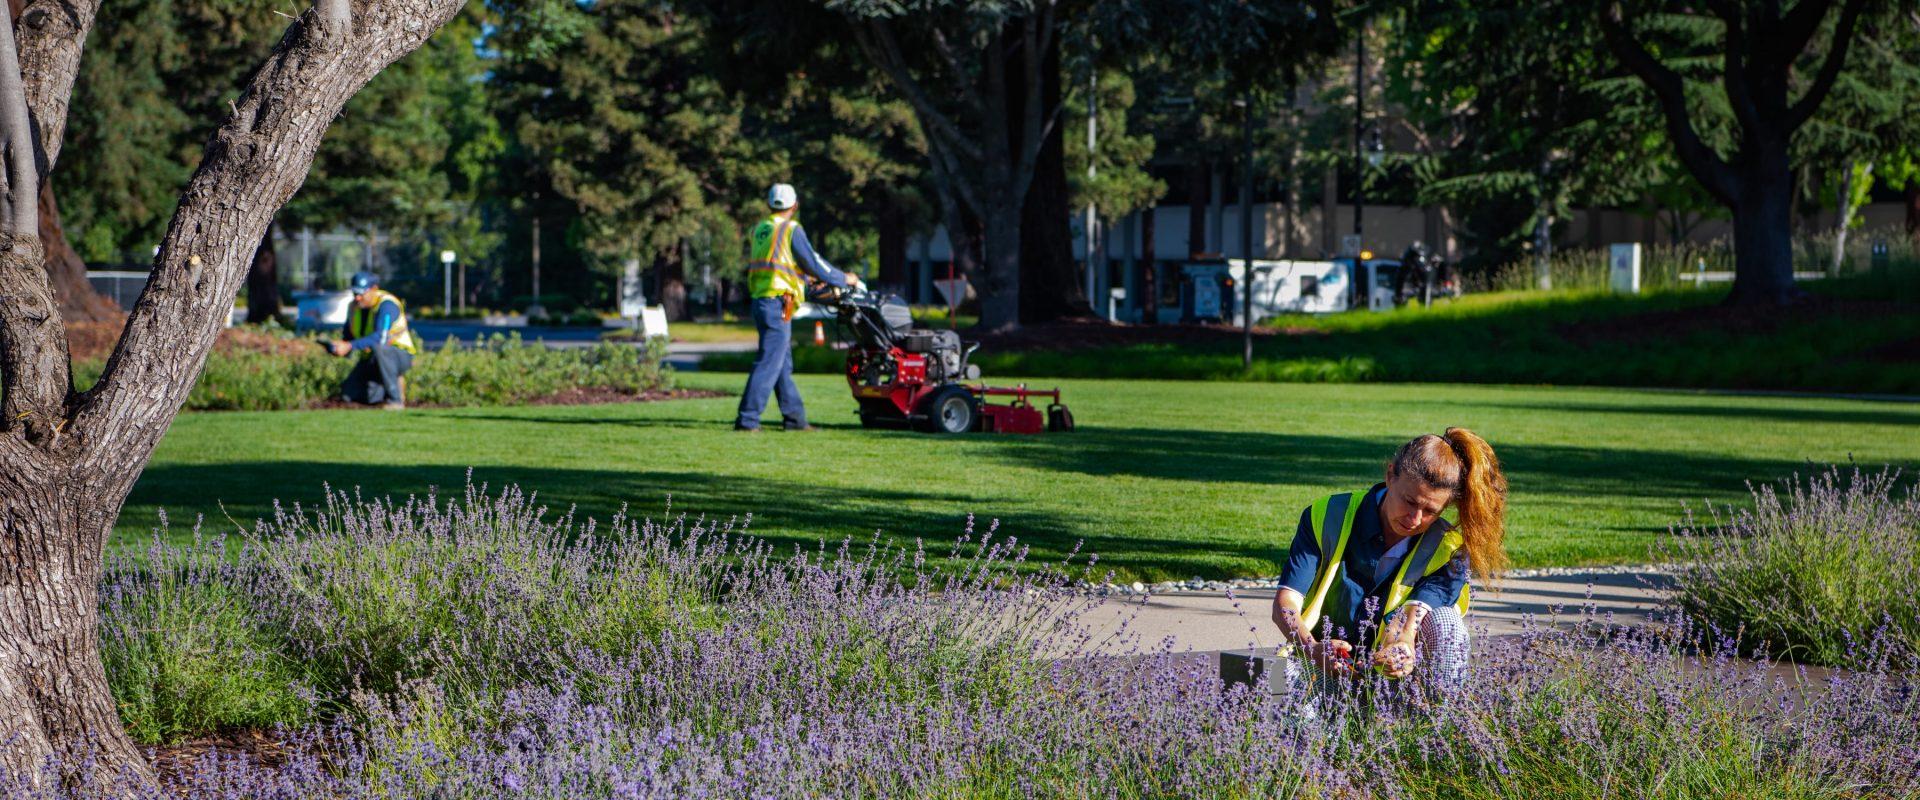 gothic landscape maintenance service